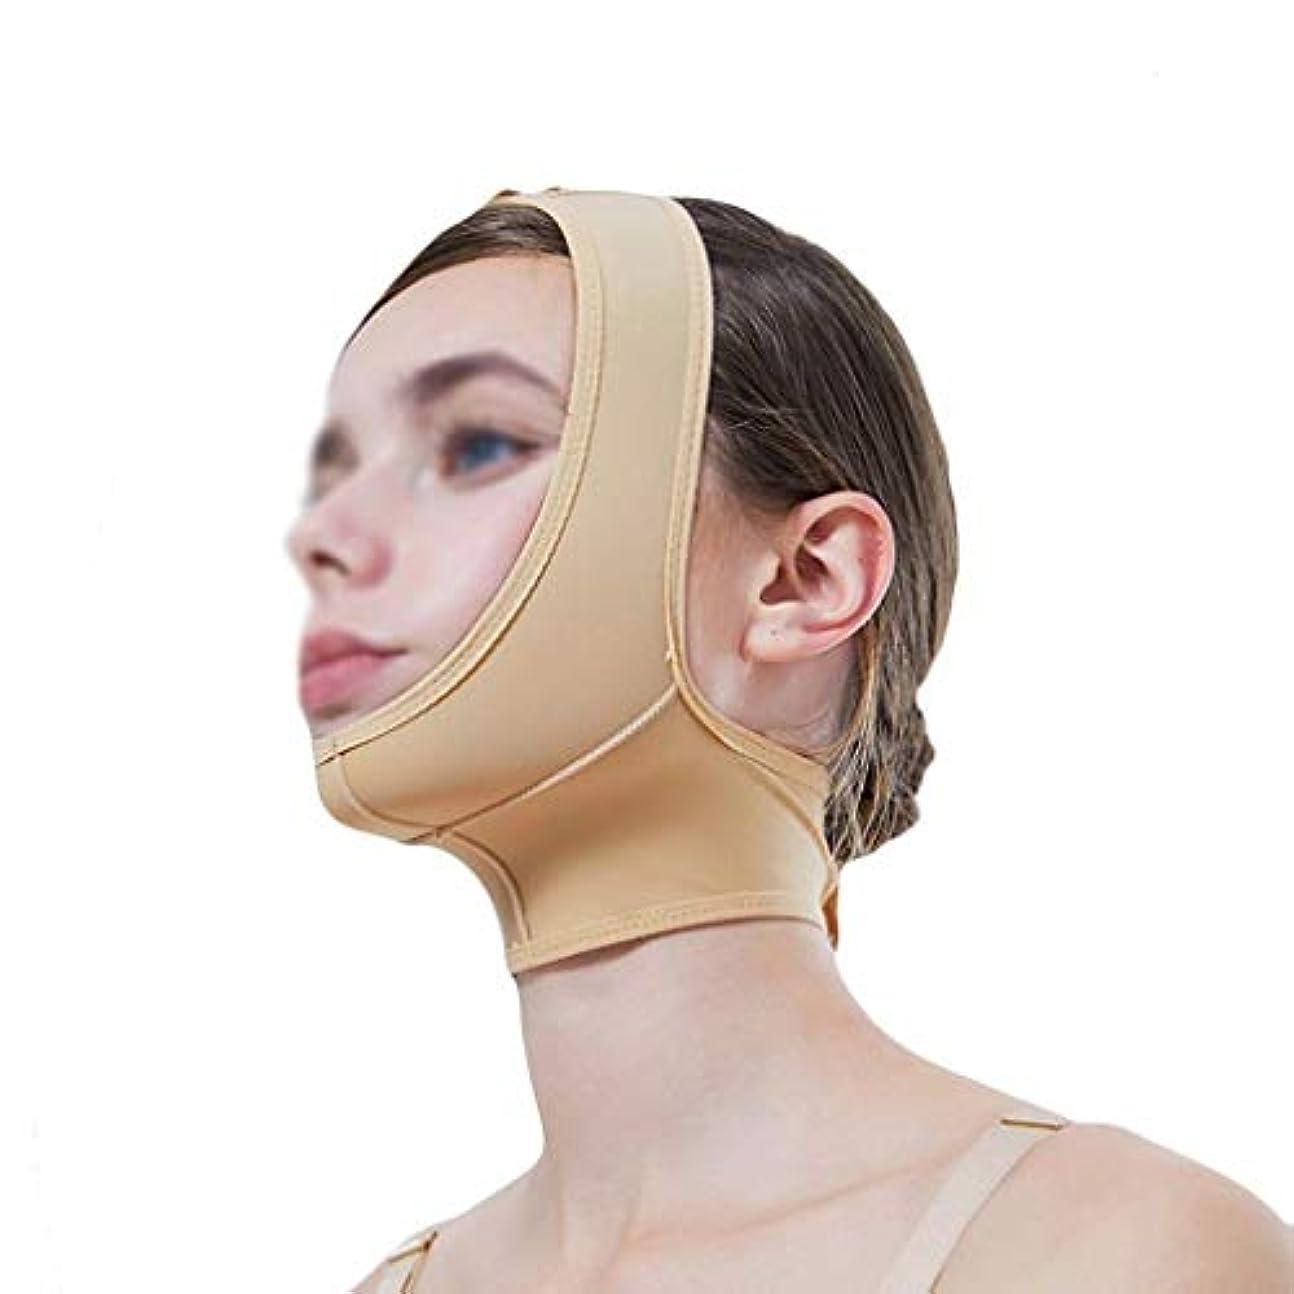 廃棄応用外交マスク、超薄型ベルト、フェイスリフティングに適し、フェイスリフティング、通気性包帯、あご取りベルト、超薄型ベルト、通気性(サイズ:XL),XXL